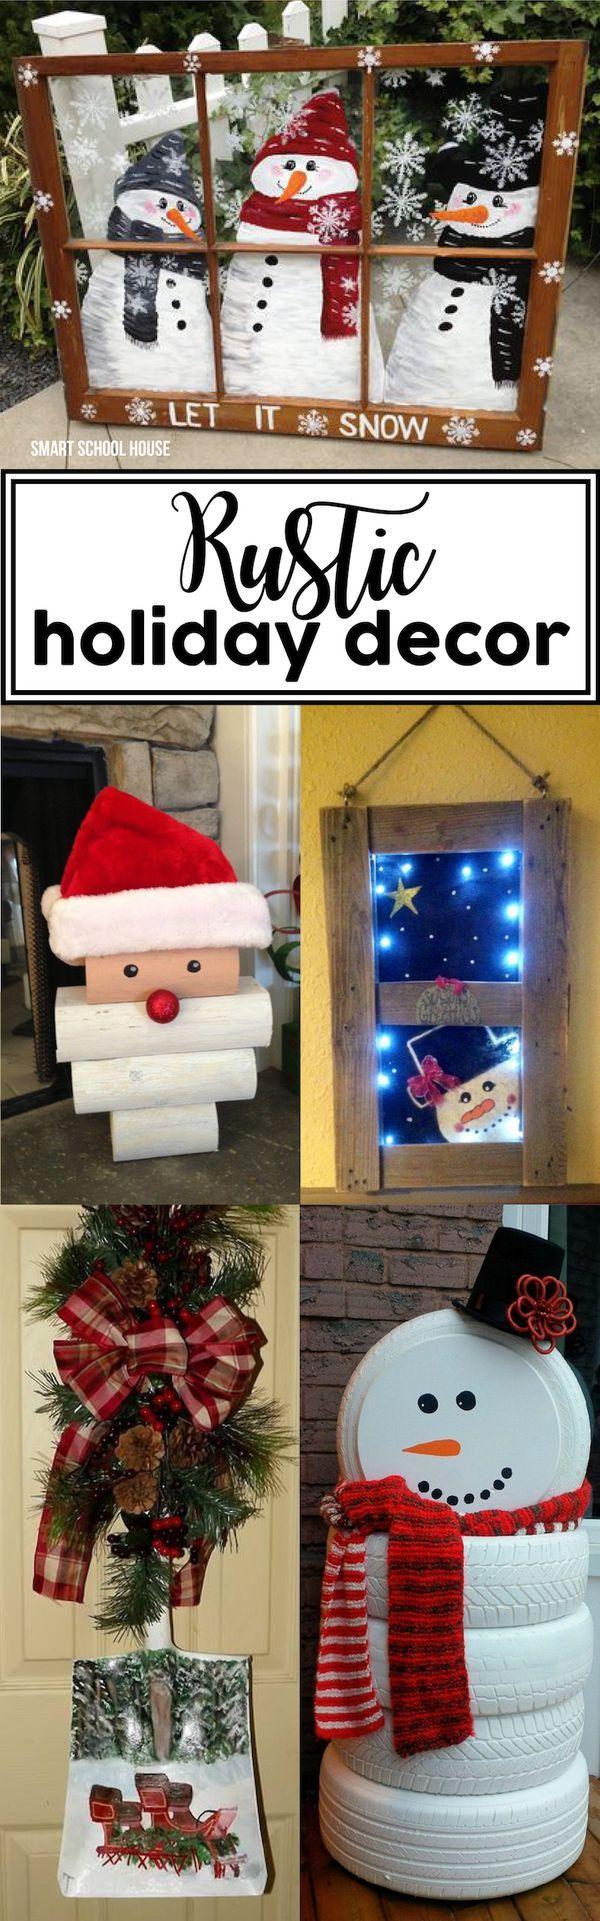 Rustic holiday decor navidad manualidades navide as y - Decoracion navidena diy ...